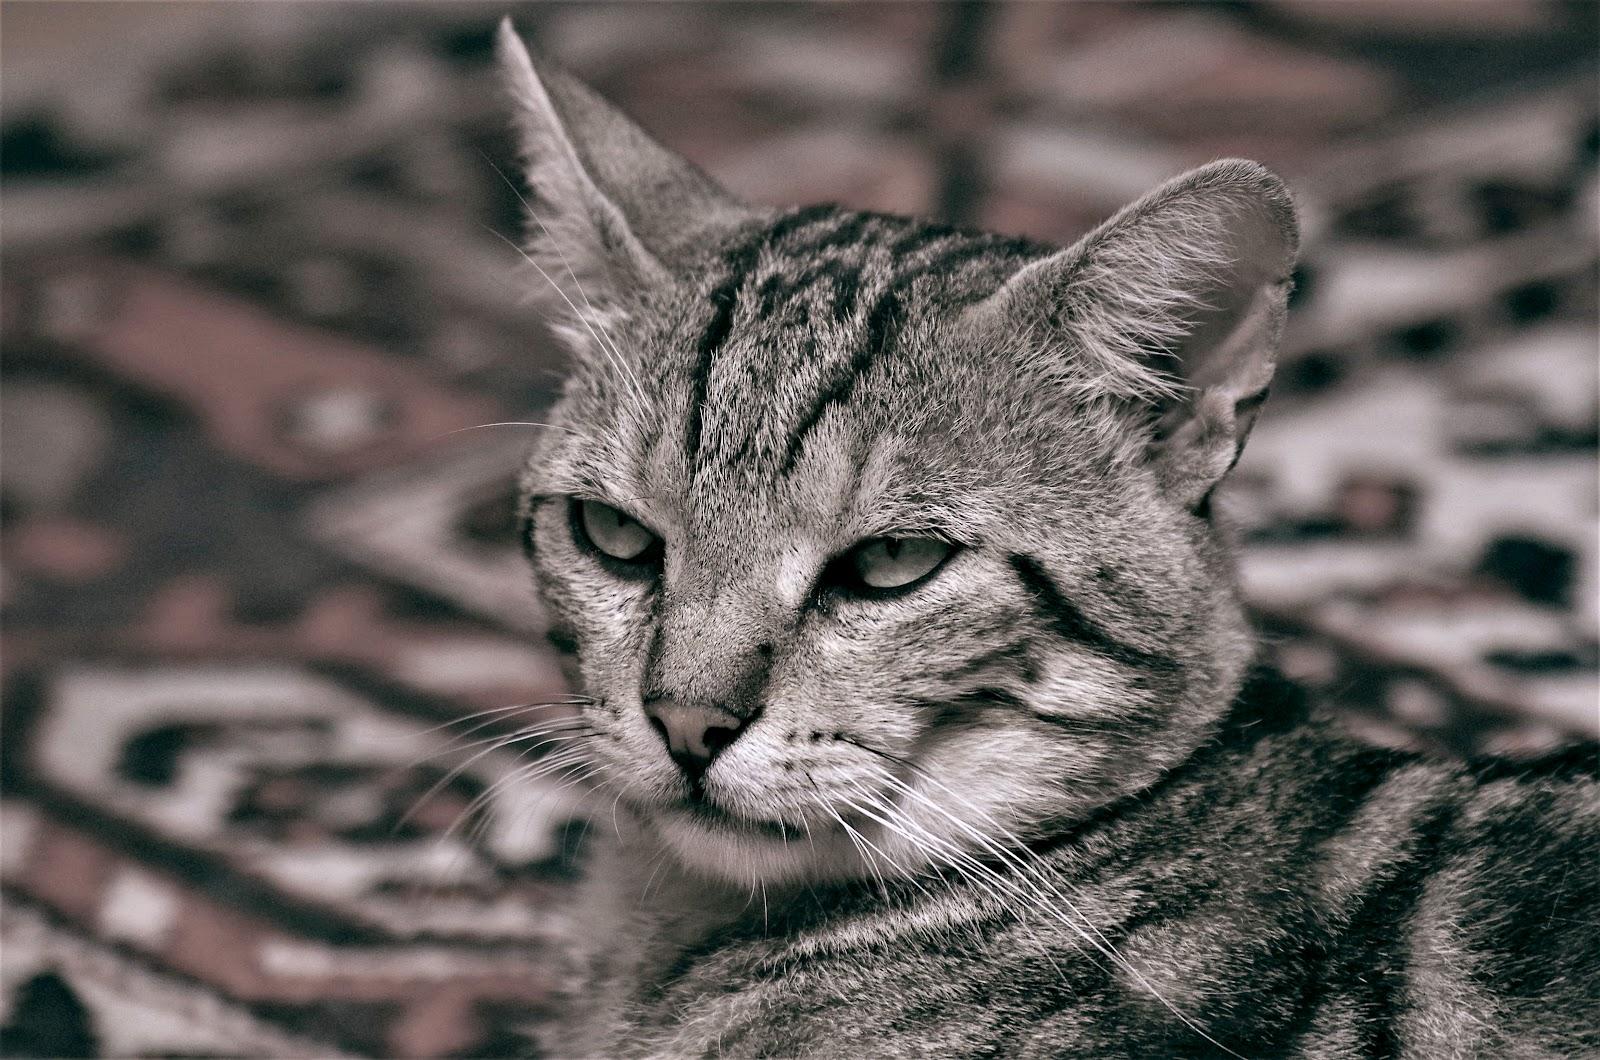 Gatto con sguardo tra lo schifato e il perplesso